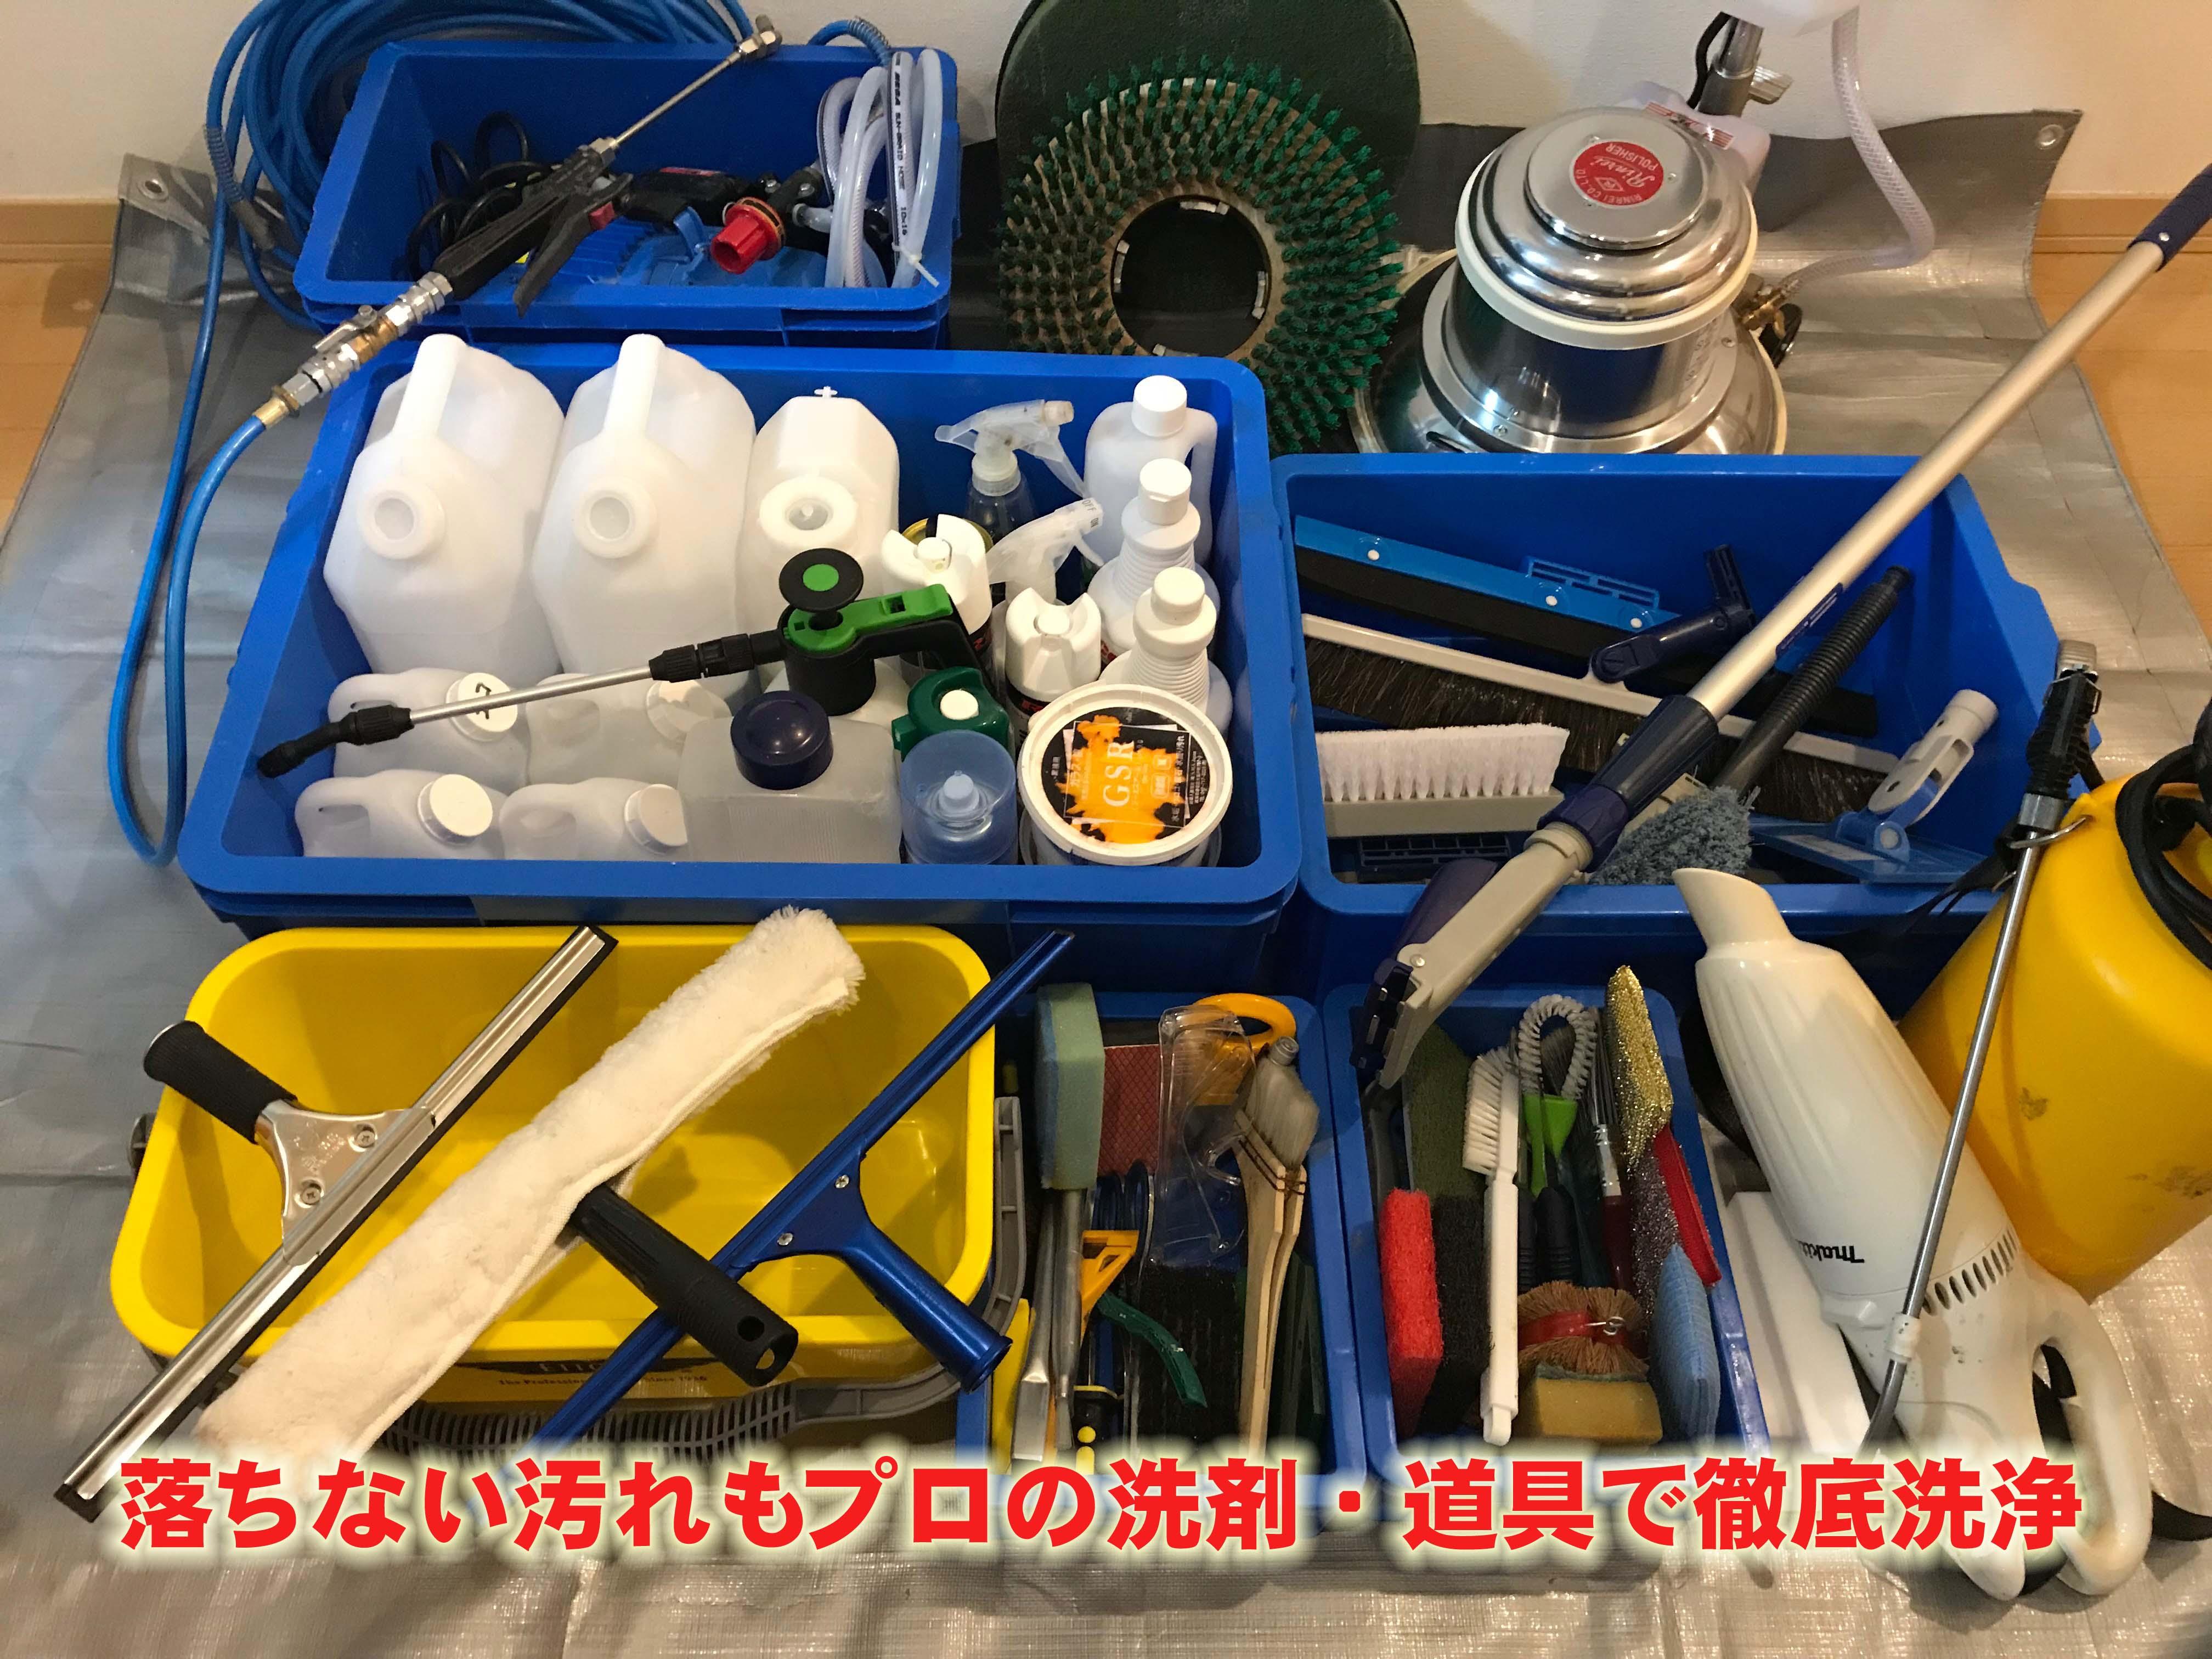 落ちない汚れもプロの洗剤・道具で徹底洗浄